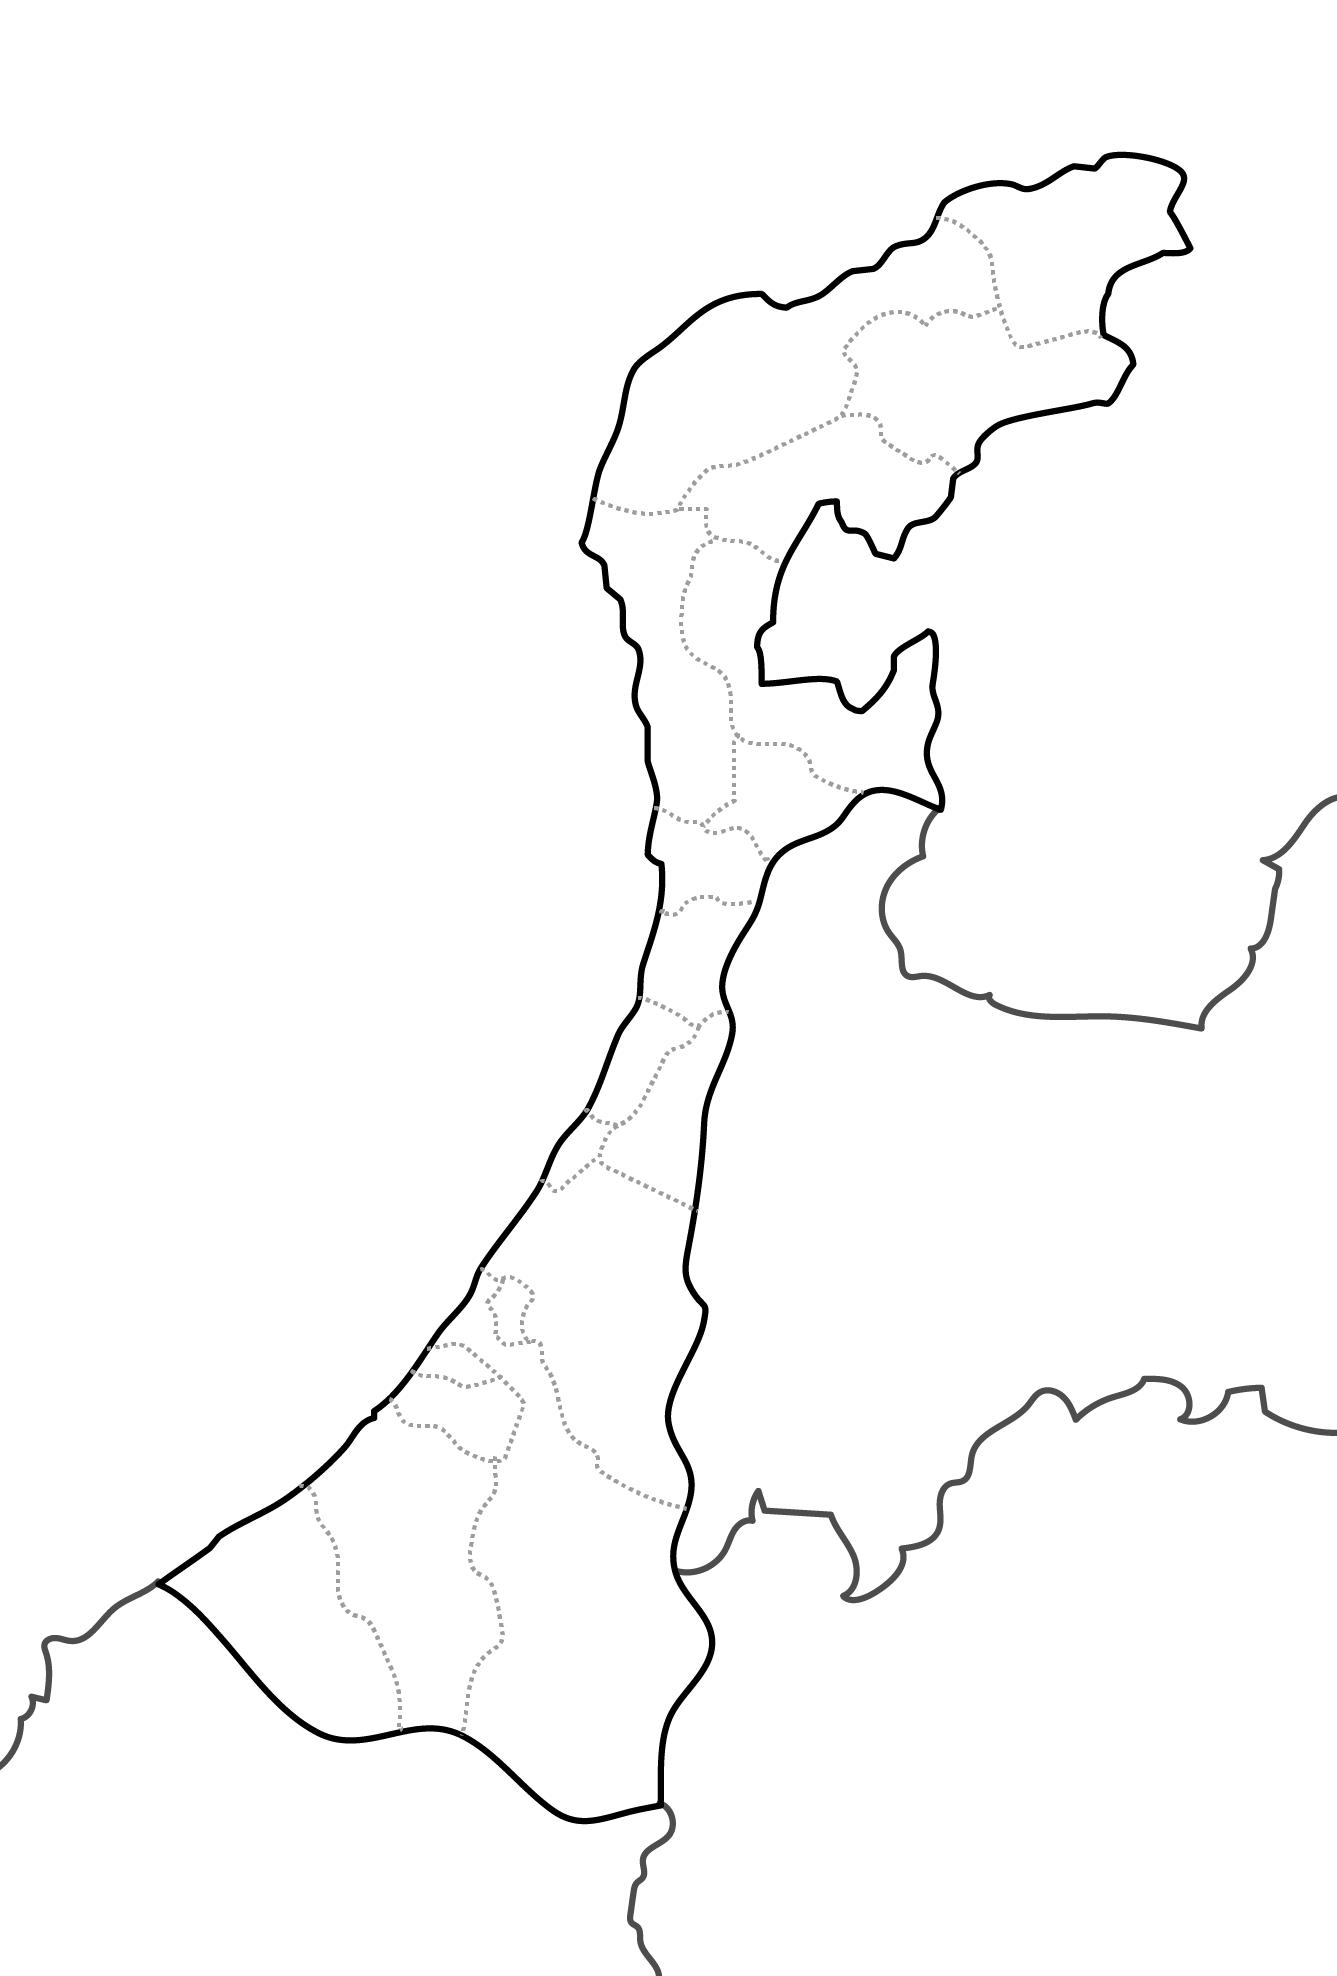 [白地図]石川県・ラインあり・市区町村名なし・隣県なし